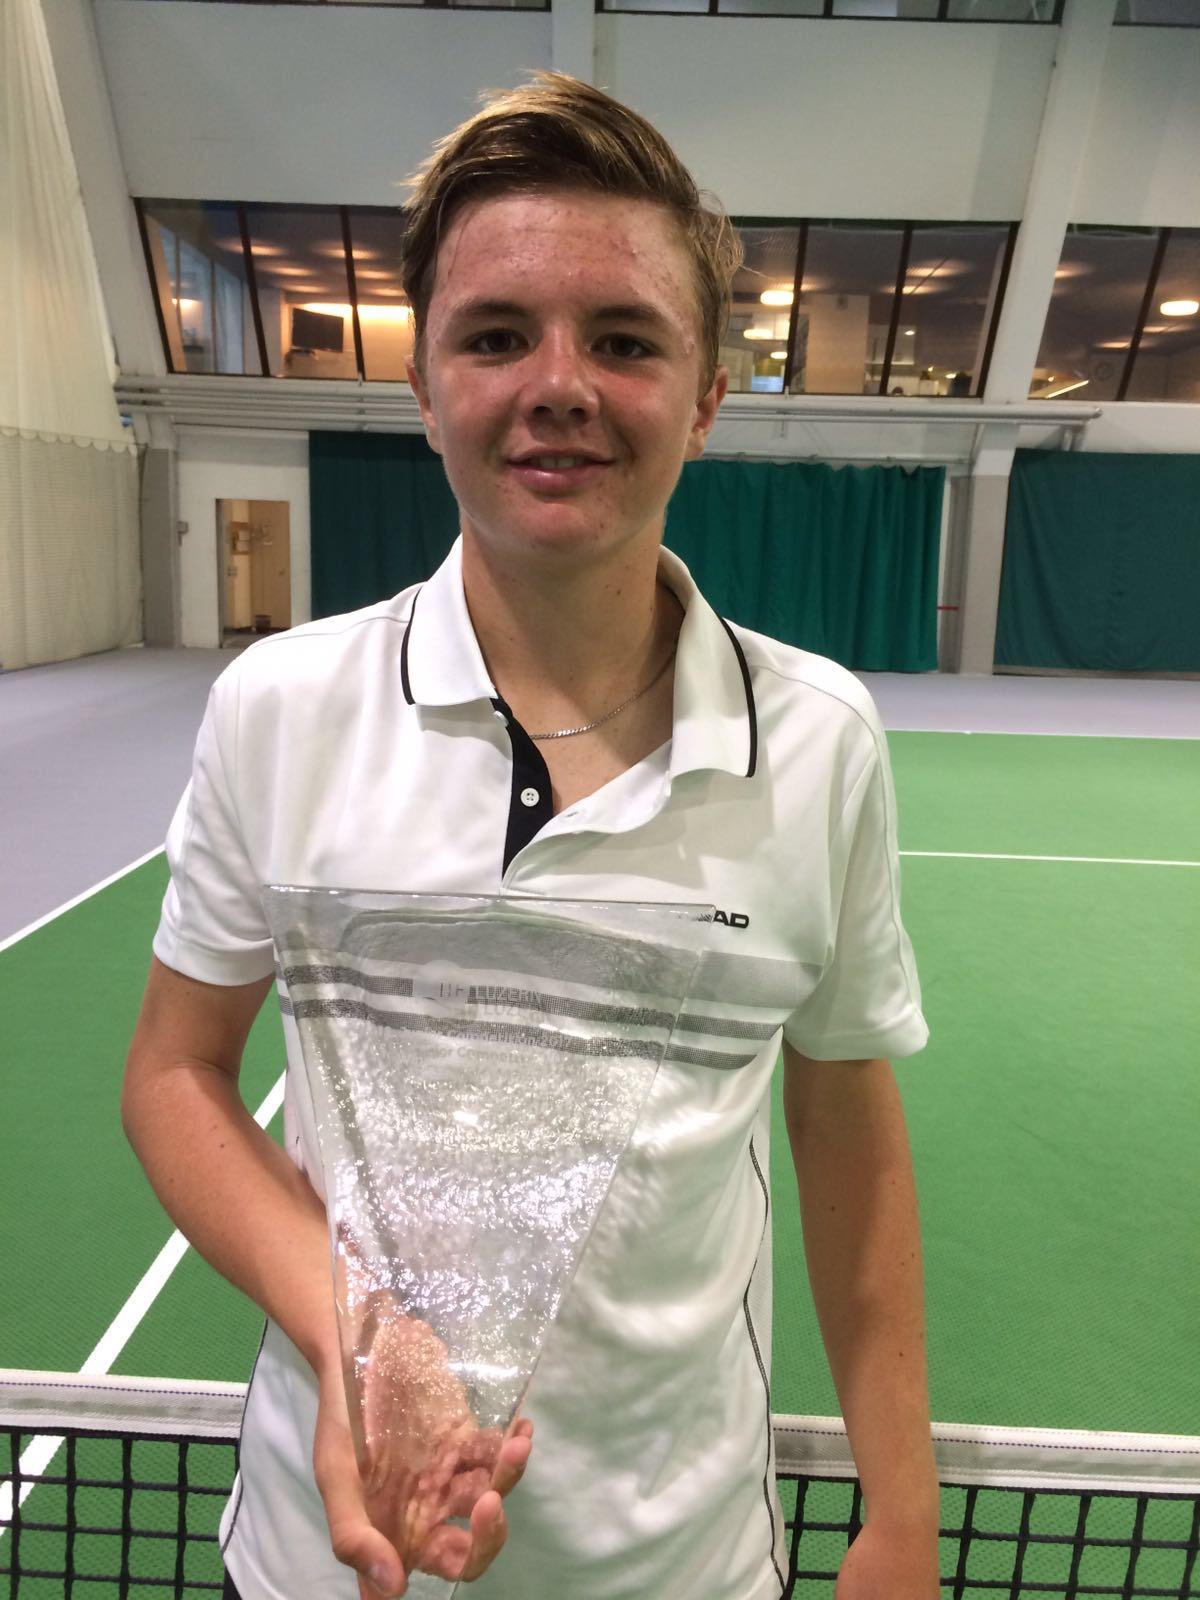 Super Leistung am ITF Luzern Junior Competition. Erster ITF Titel für Dominic